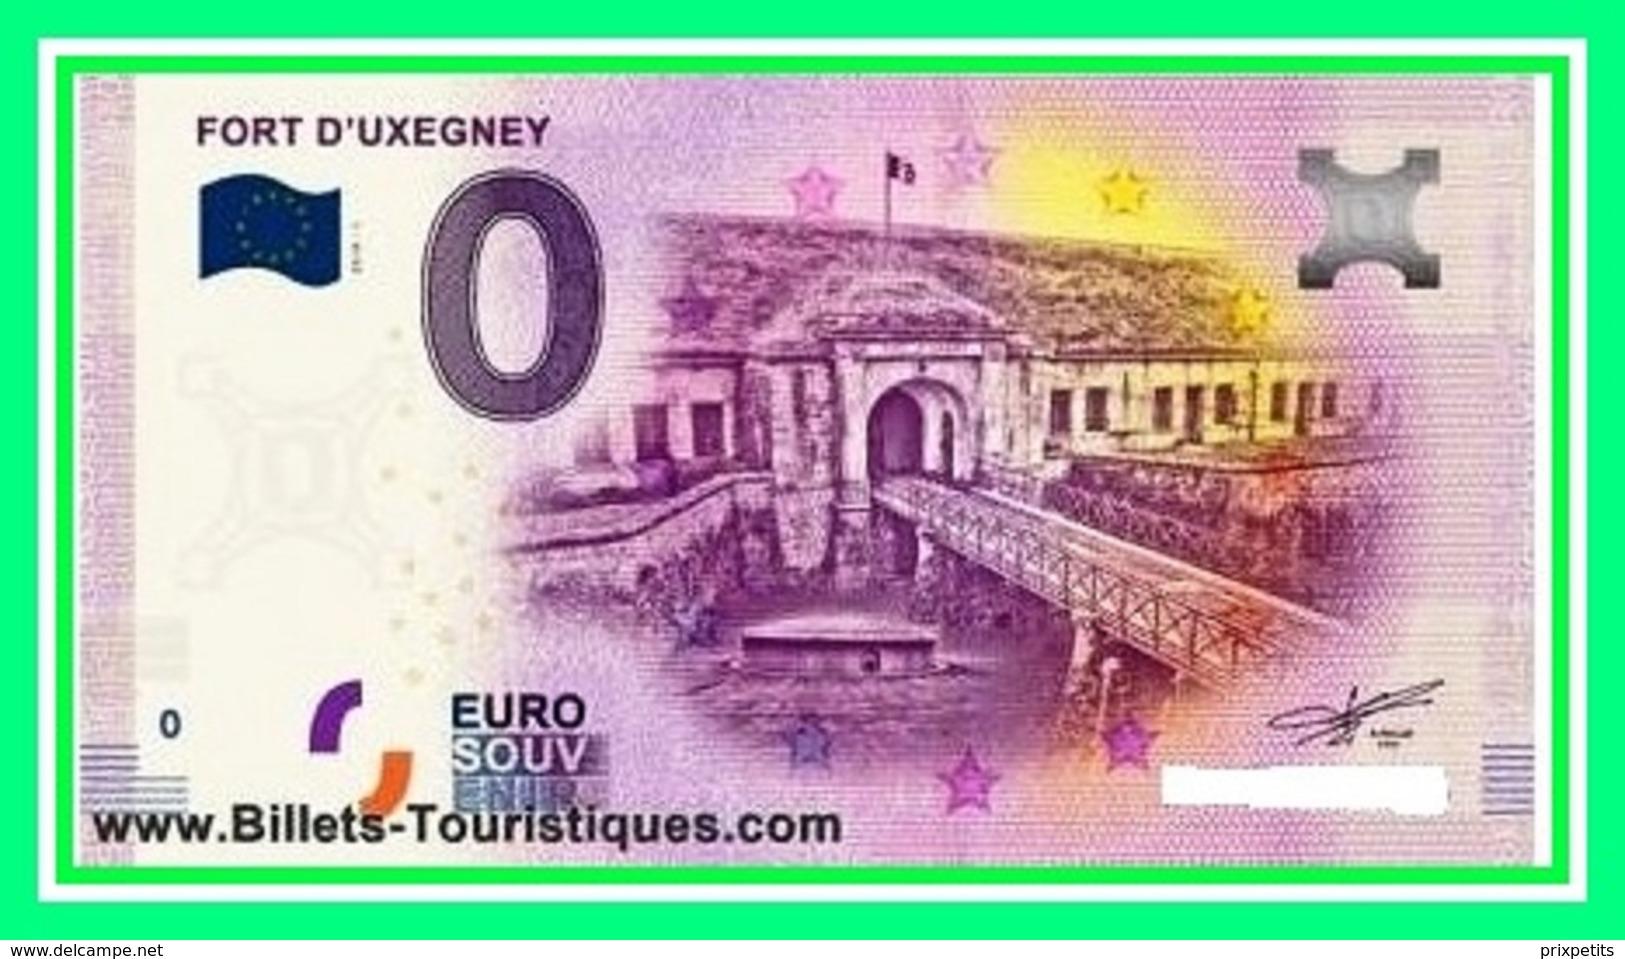 88 / FORT D'UXEGNEY BILLET TOURISTIQUE SOUVENIR 2019 N°)134 - Essais Privés / Non-officiels